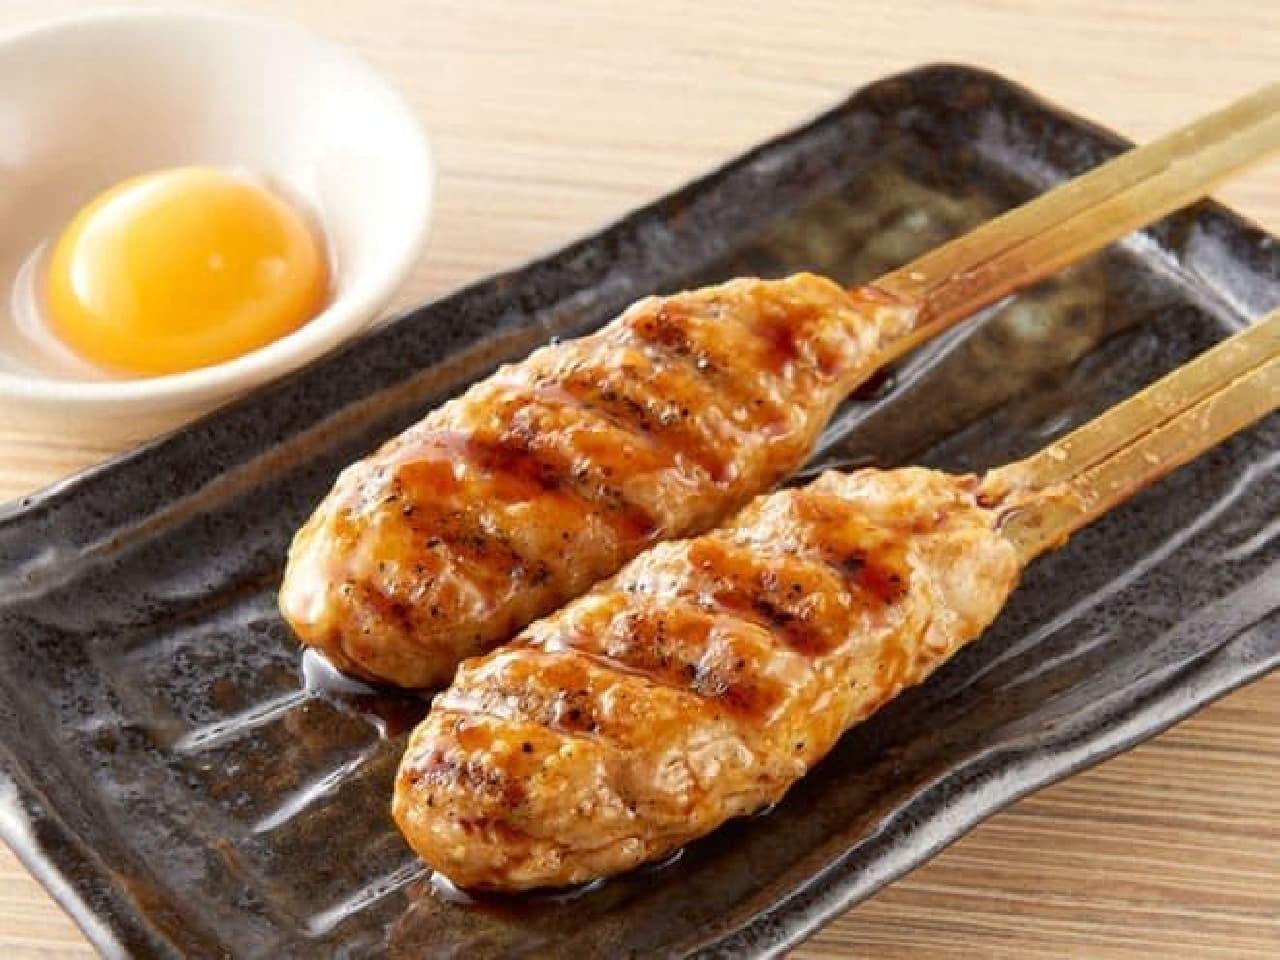 卵黄とつくねの美味しそうな焼き鳥